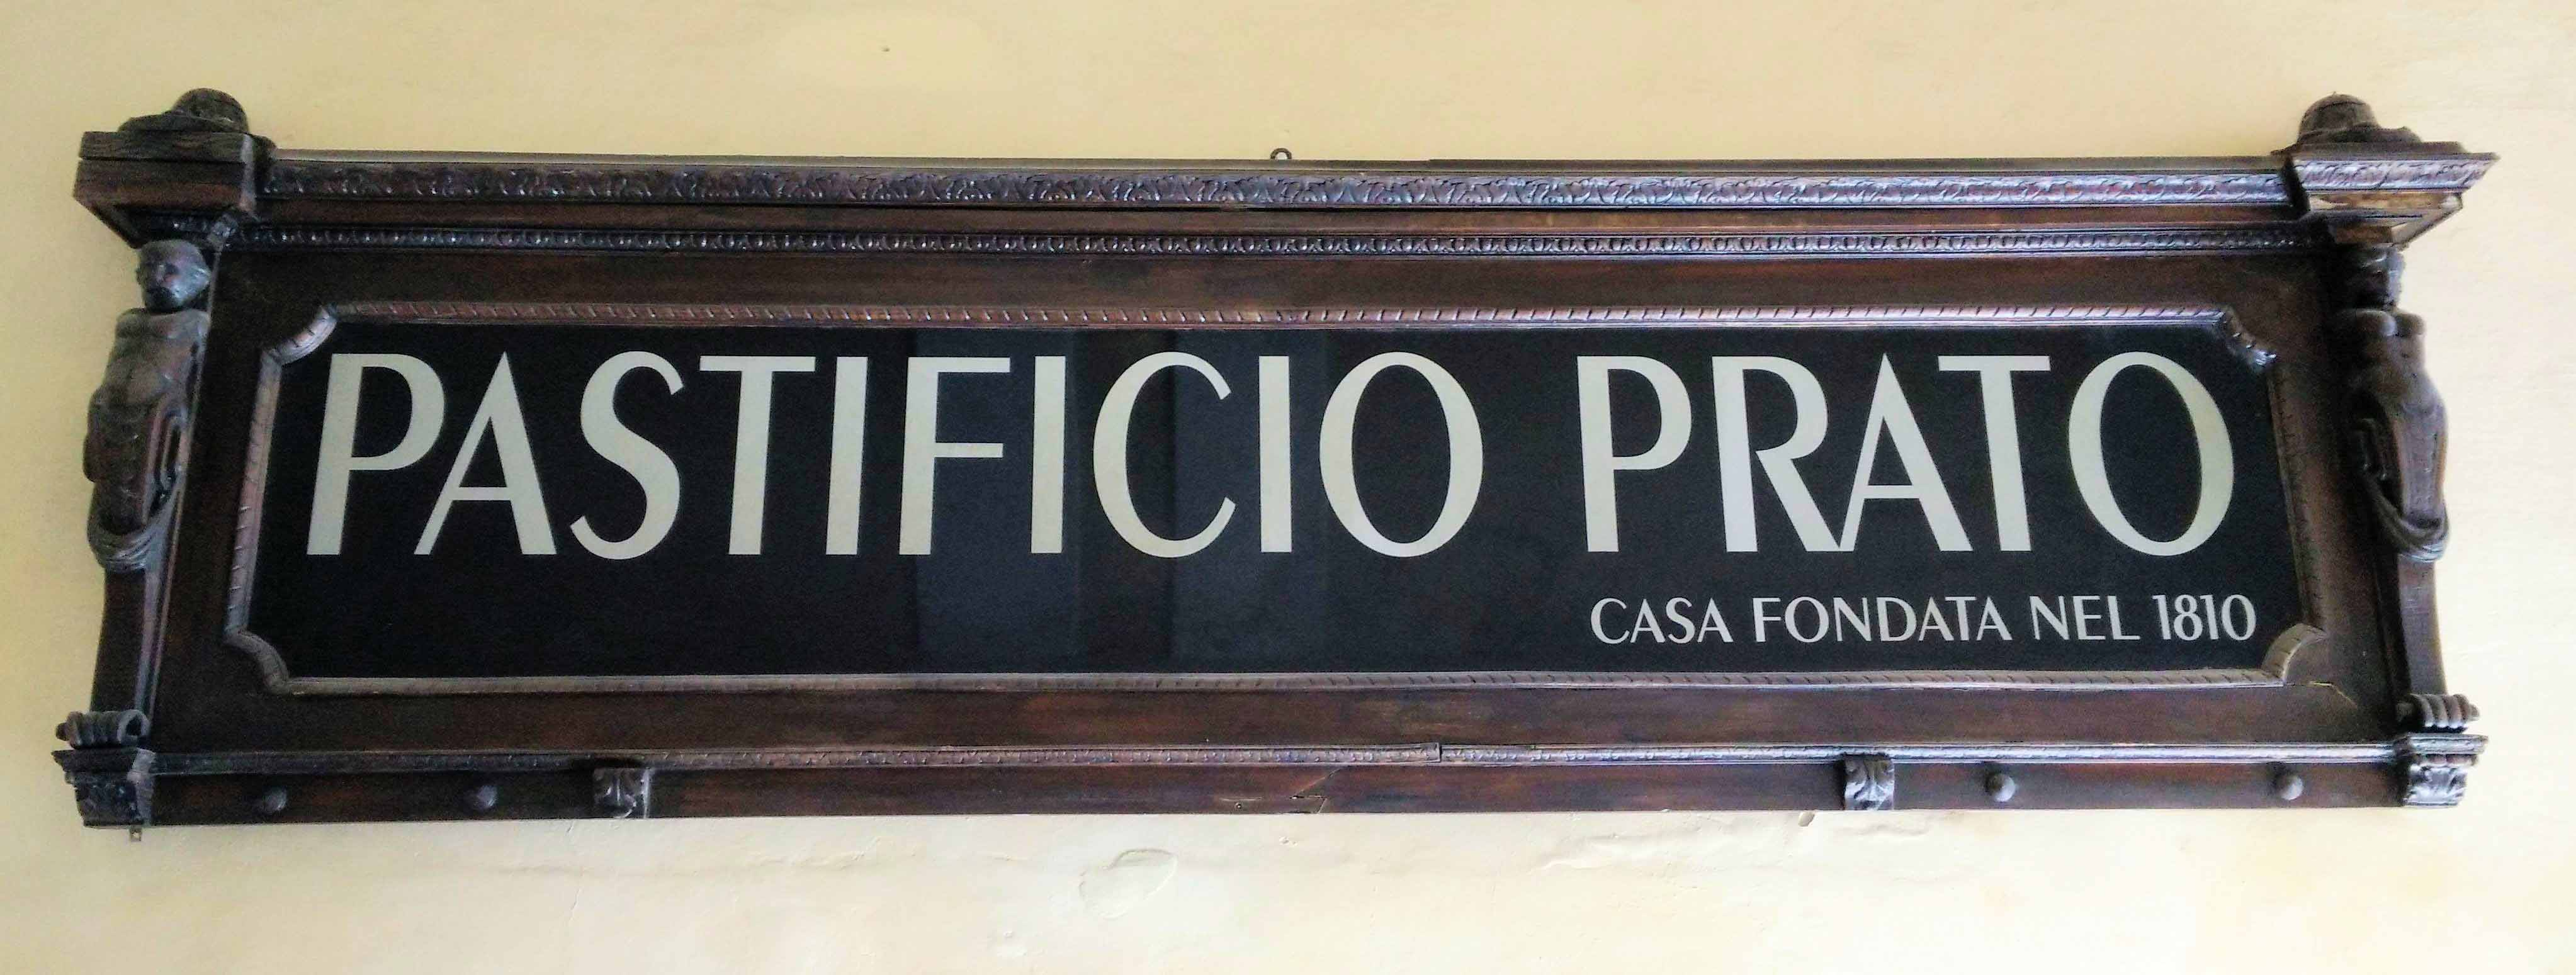 08. L'insegna storica del Pastificio Prato di Chiavari, oggi non più attivo